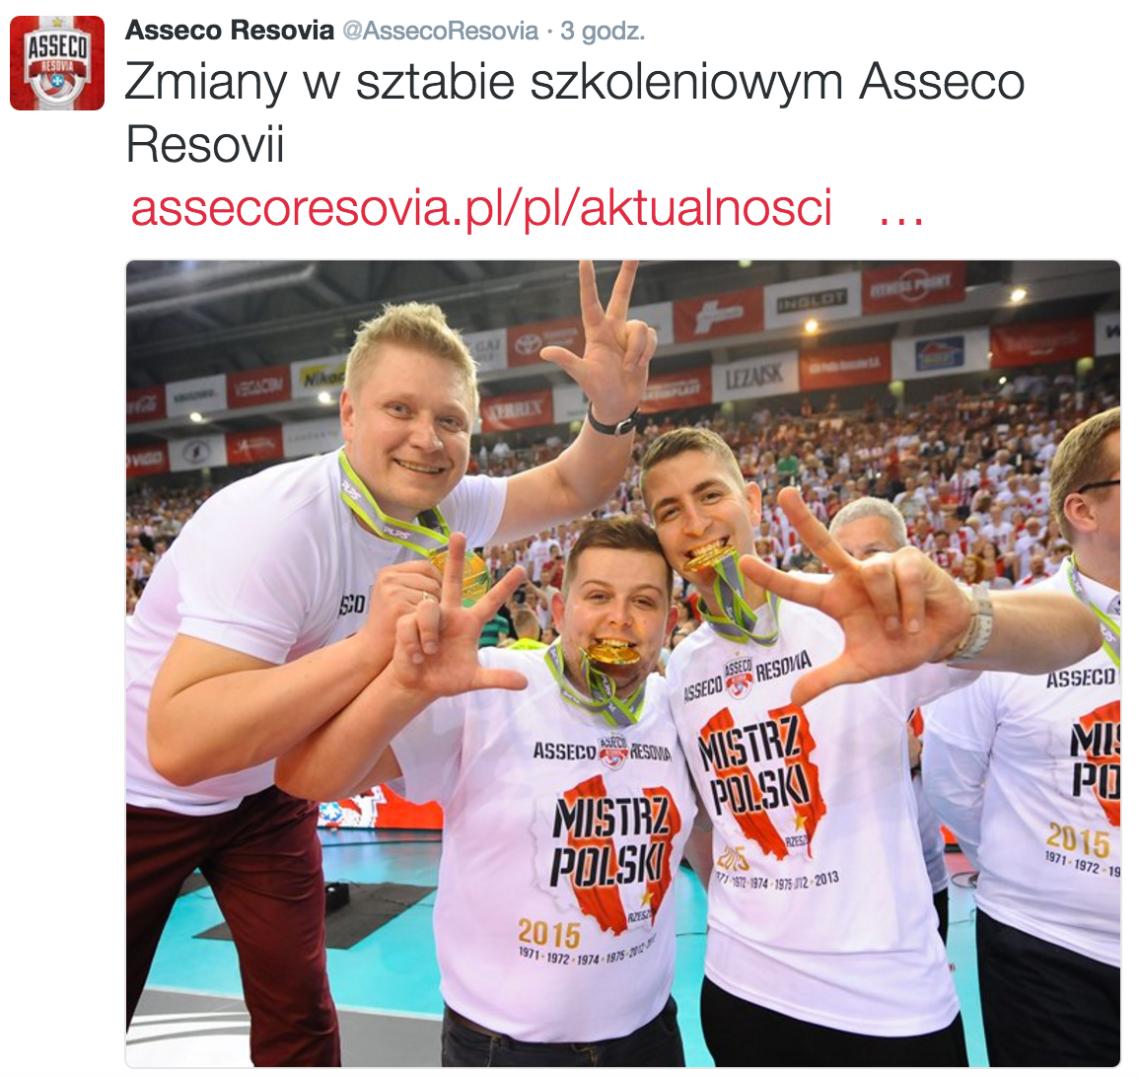 Zmiany w sztabie szkoleniowym Asseco Resovia Rzeszów